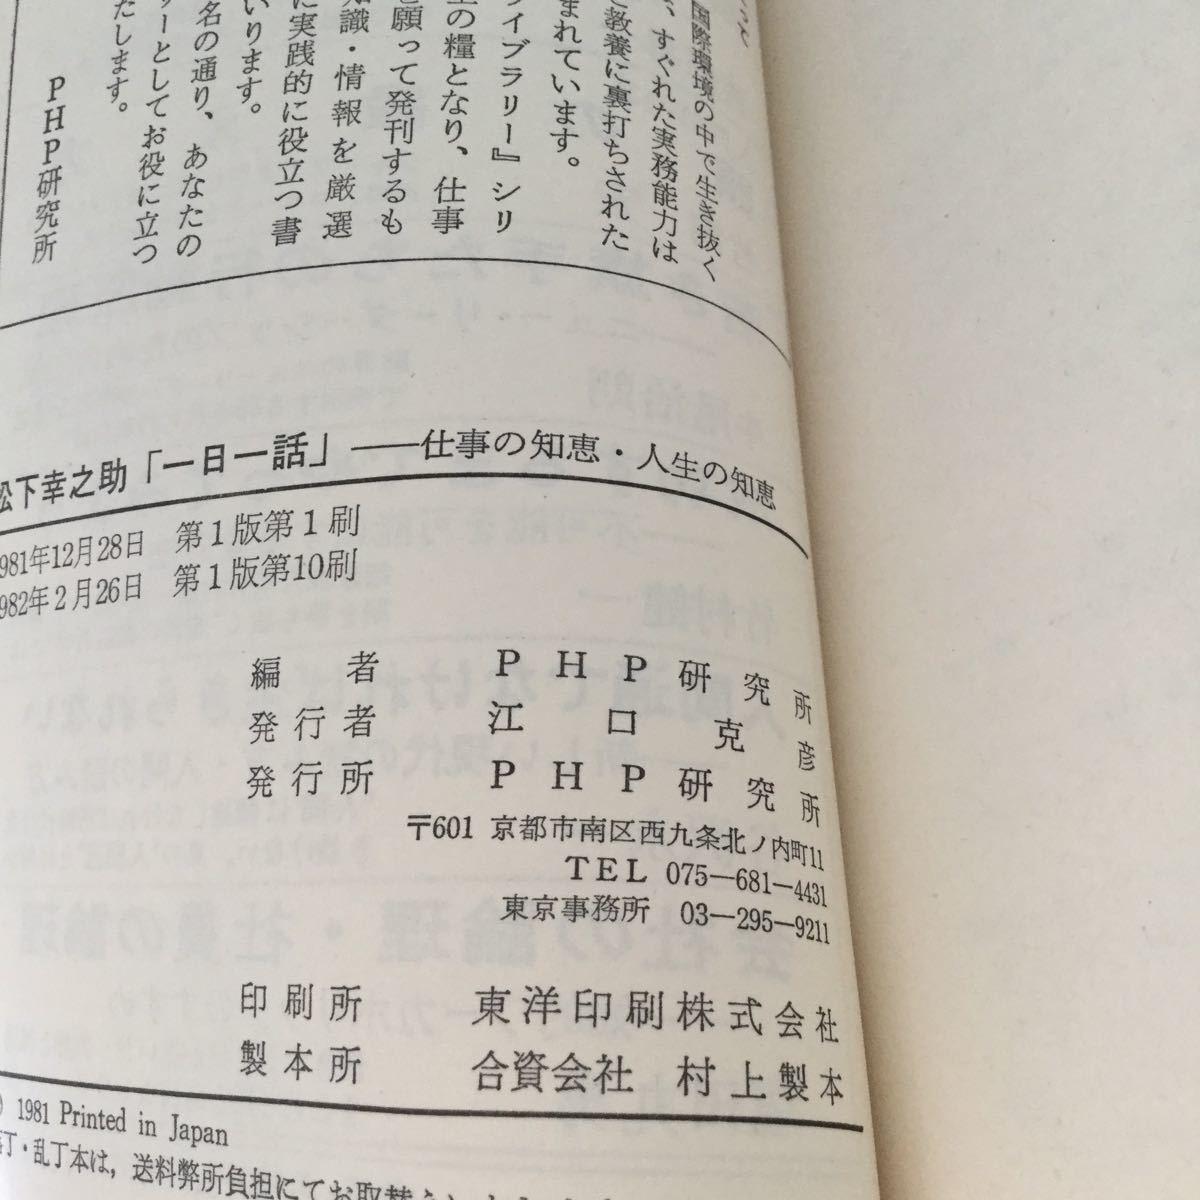 42 松下幸之助一日一話 仕事の知恵 人生の知恵 PHP研究所編 経営のコツ 経営者 生き方 考え方 PHP A022 本 小説 日本作家 日本小説 哲学_画像6